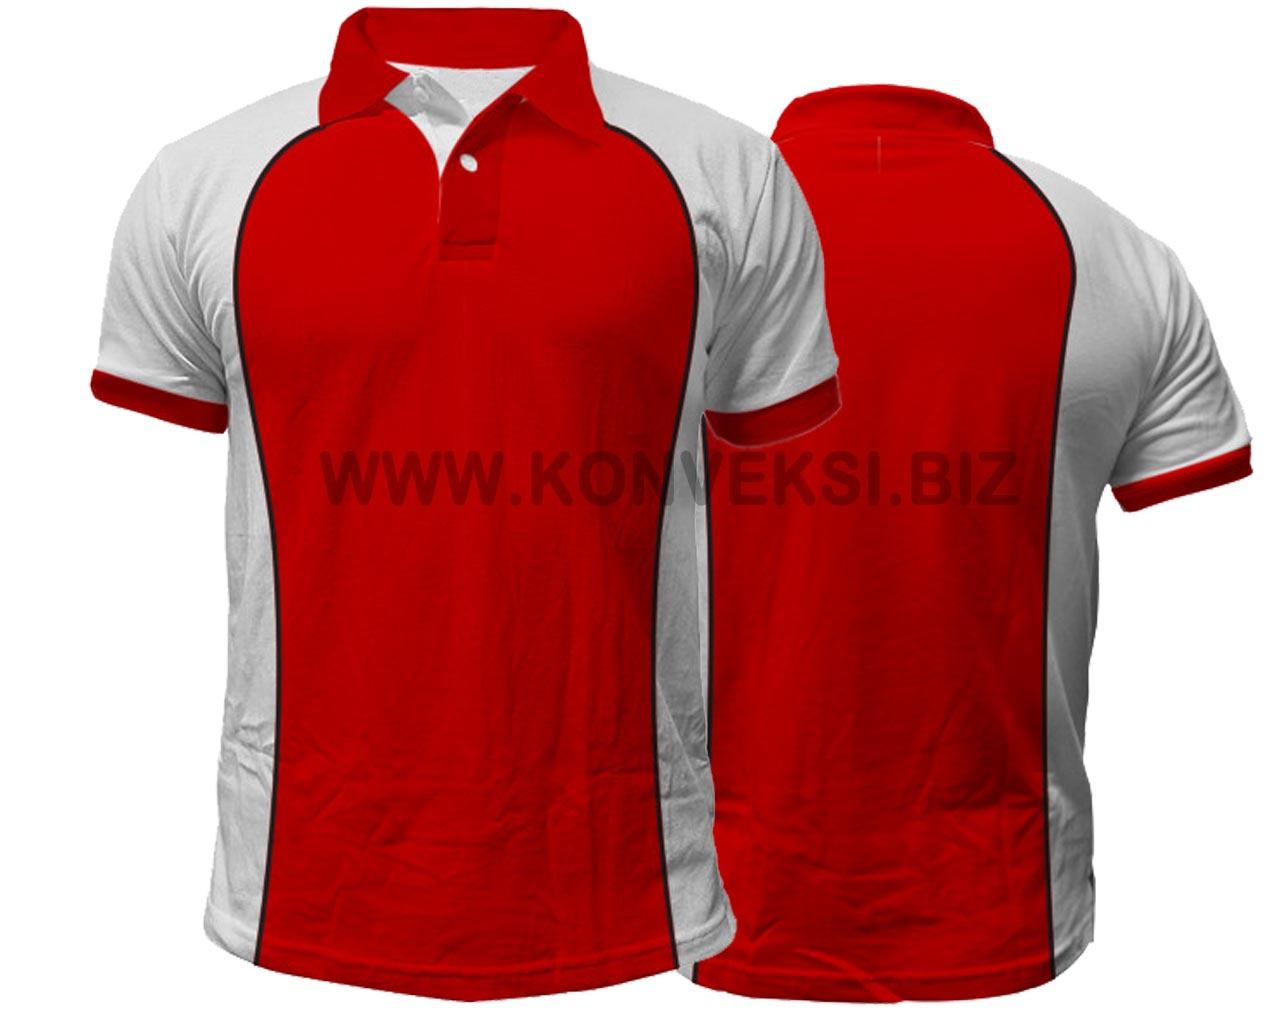 Kaos Kerah Merah Putih Desain Keren